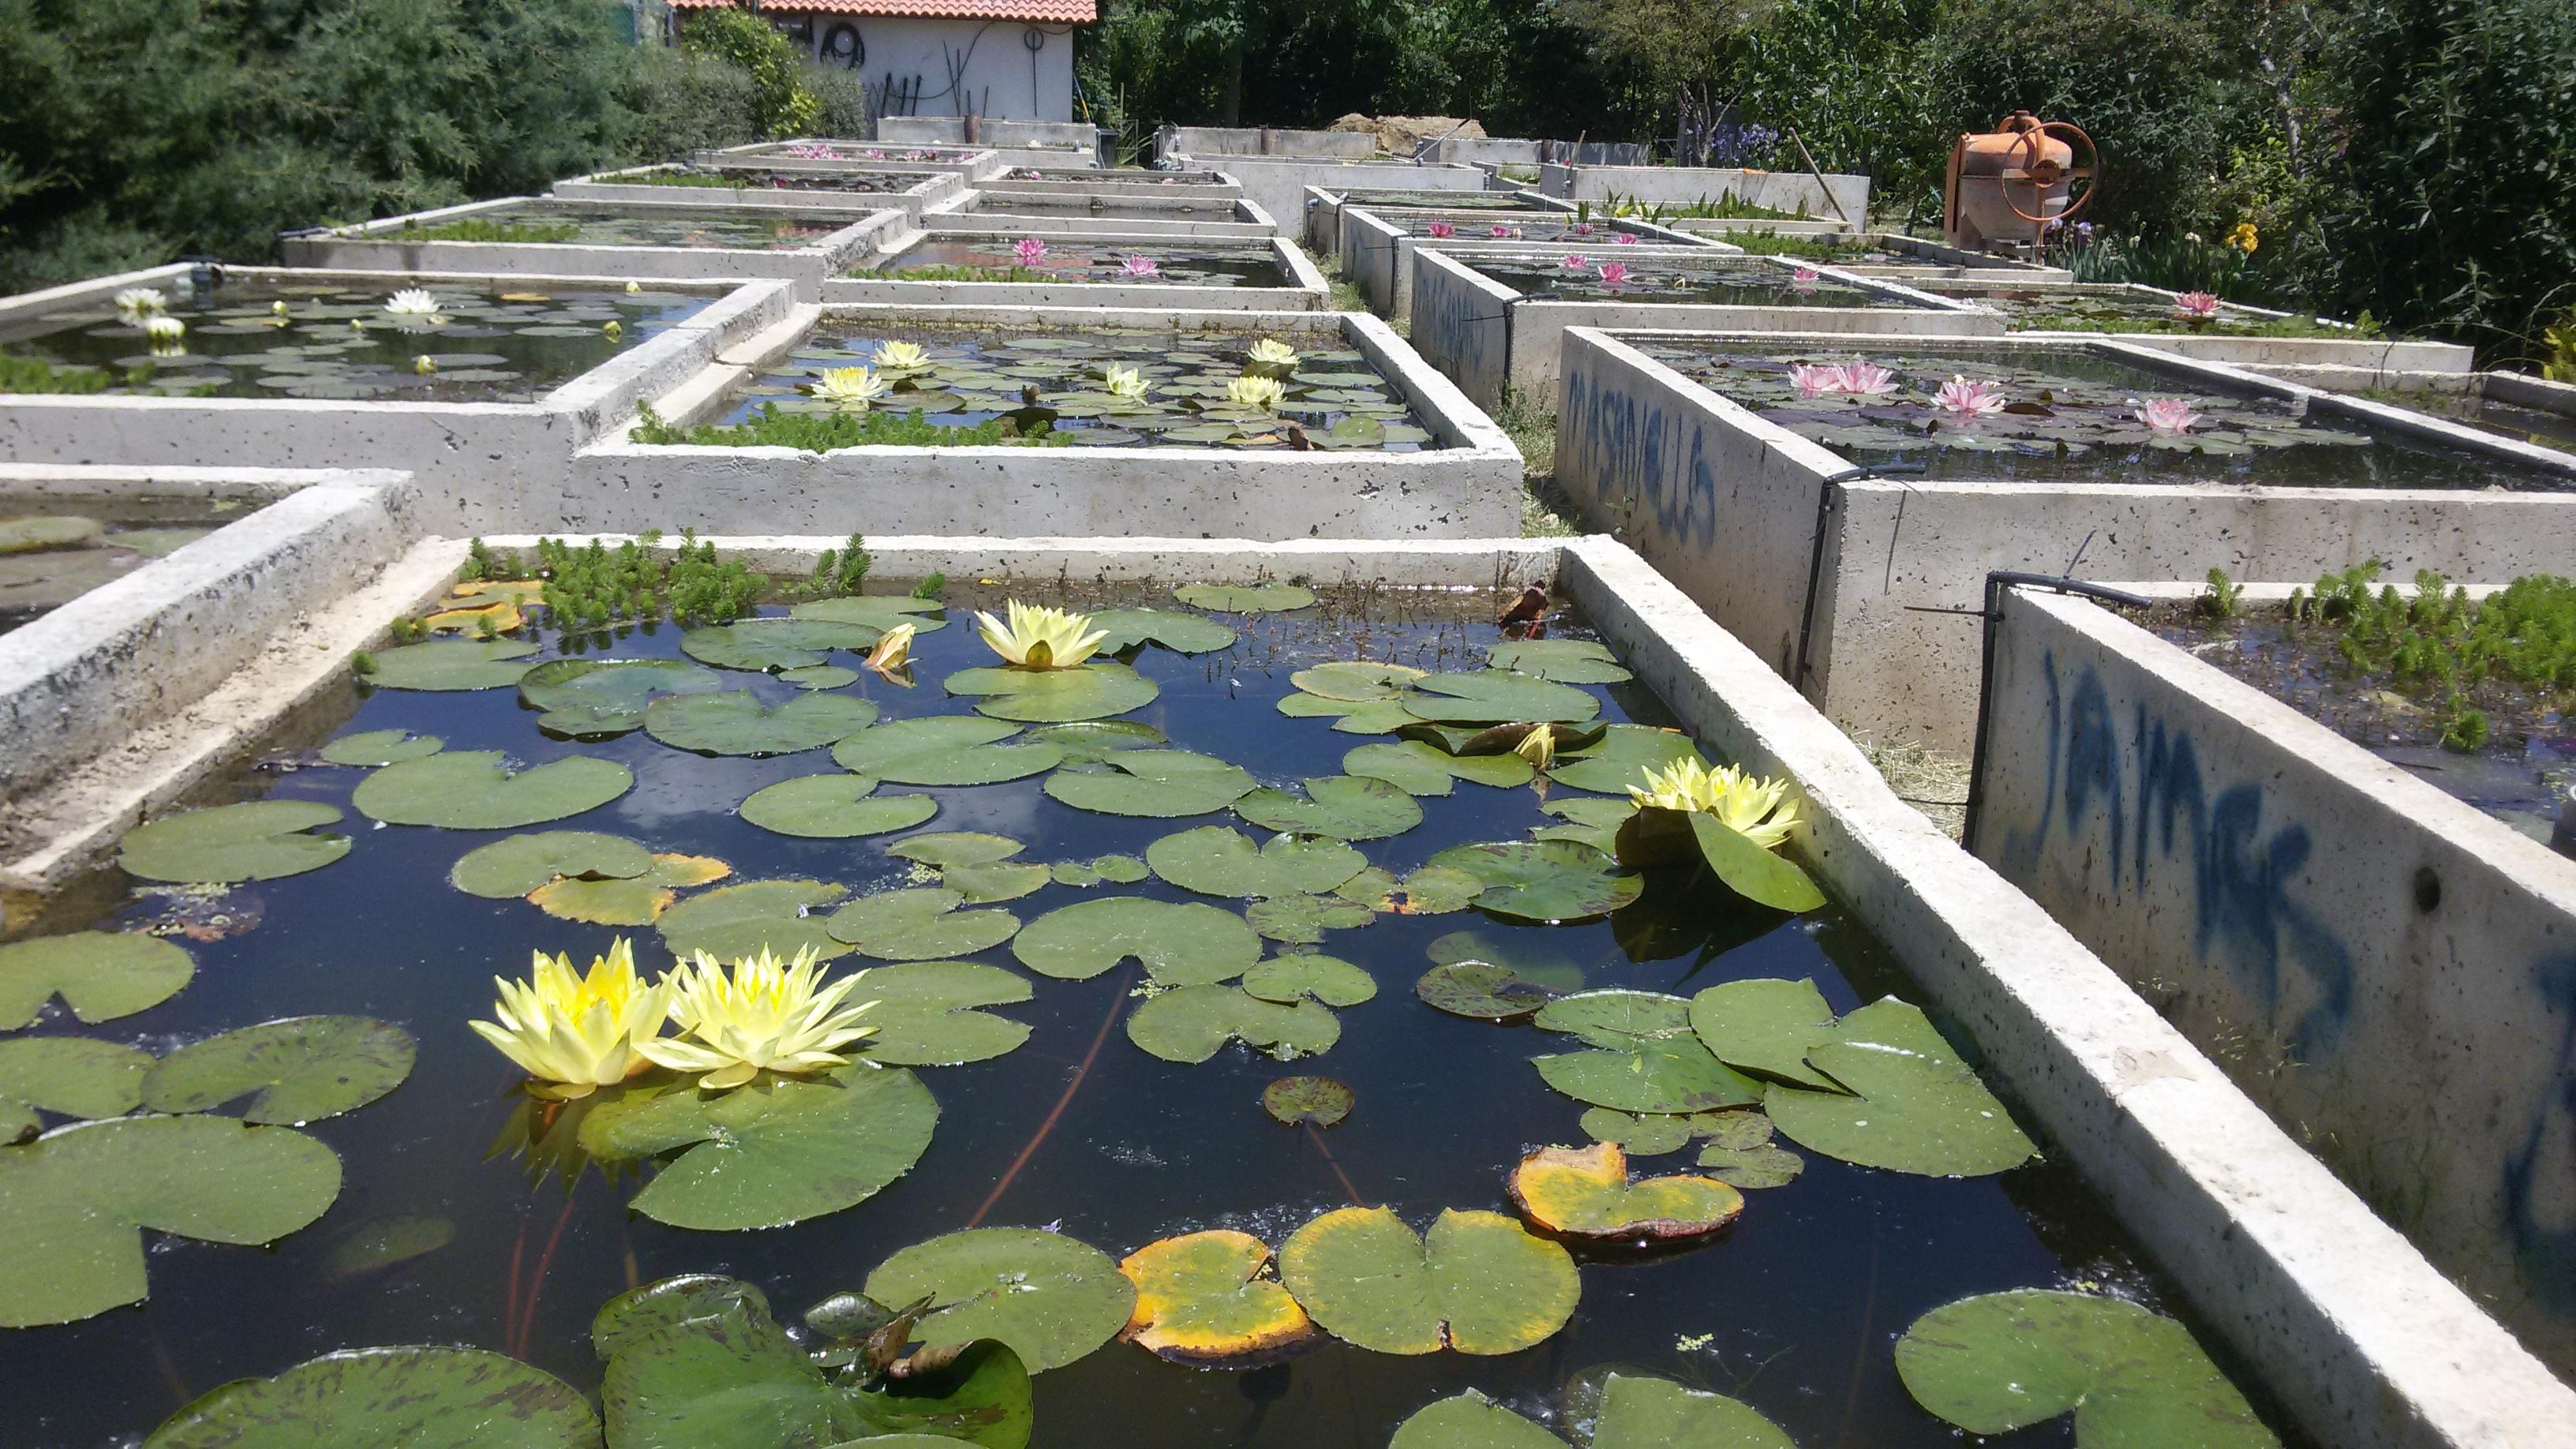 Vivero los nenufares nenufares de calidad en nuestro vivero for Imagenes de estanques para ninos